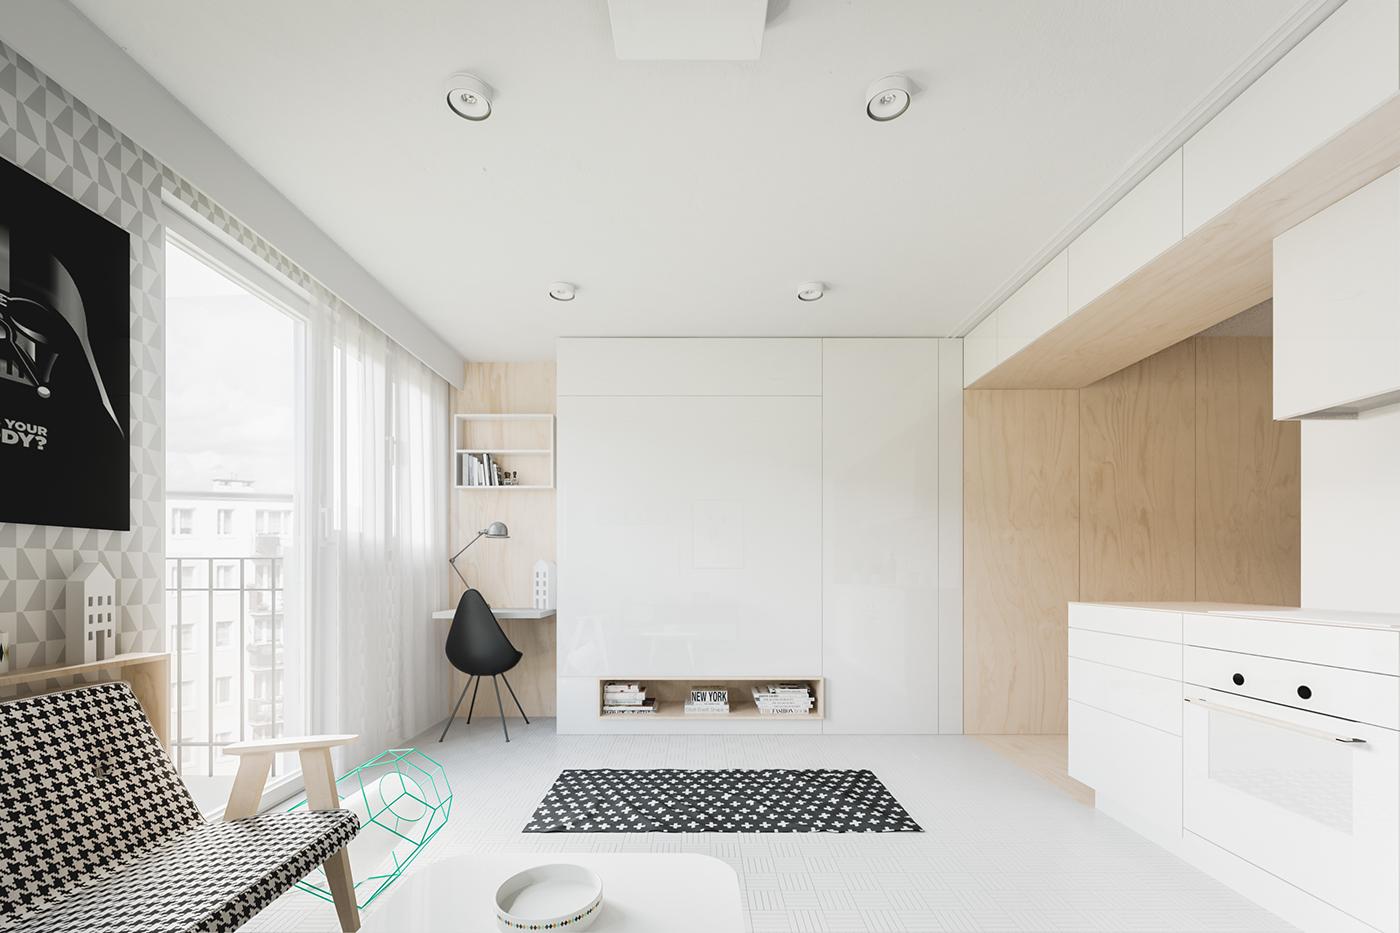 Ấn tượng những ngôi nhà với diện tích khiêm tốn dưới 50m2 nhưng thiết kế lại vô cùng cuốn hút - Ảnh 2.